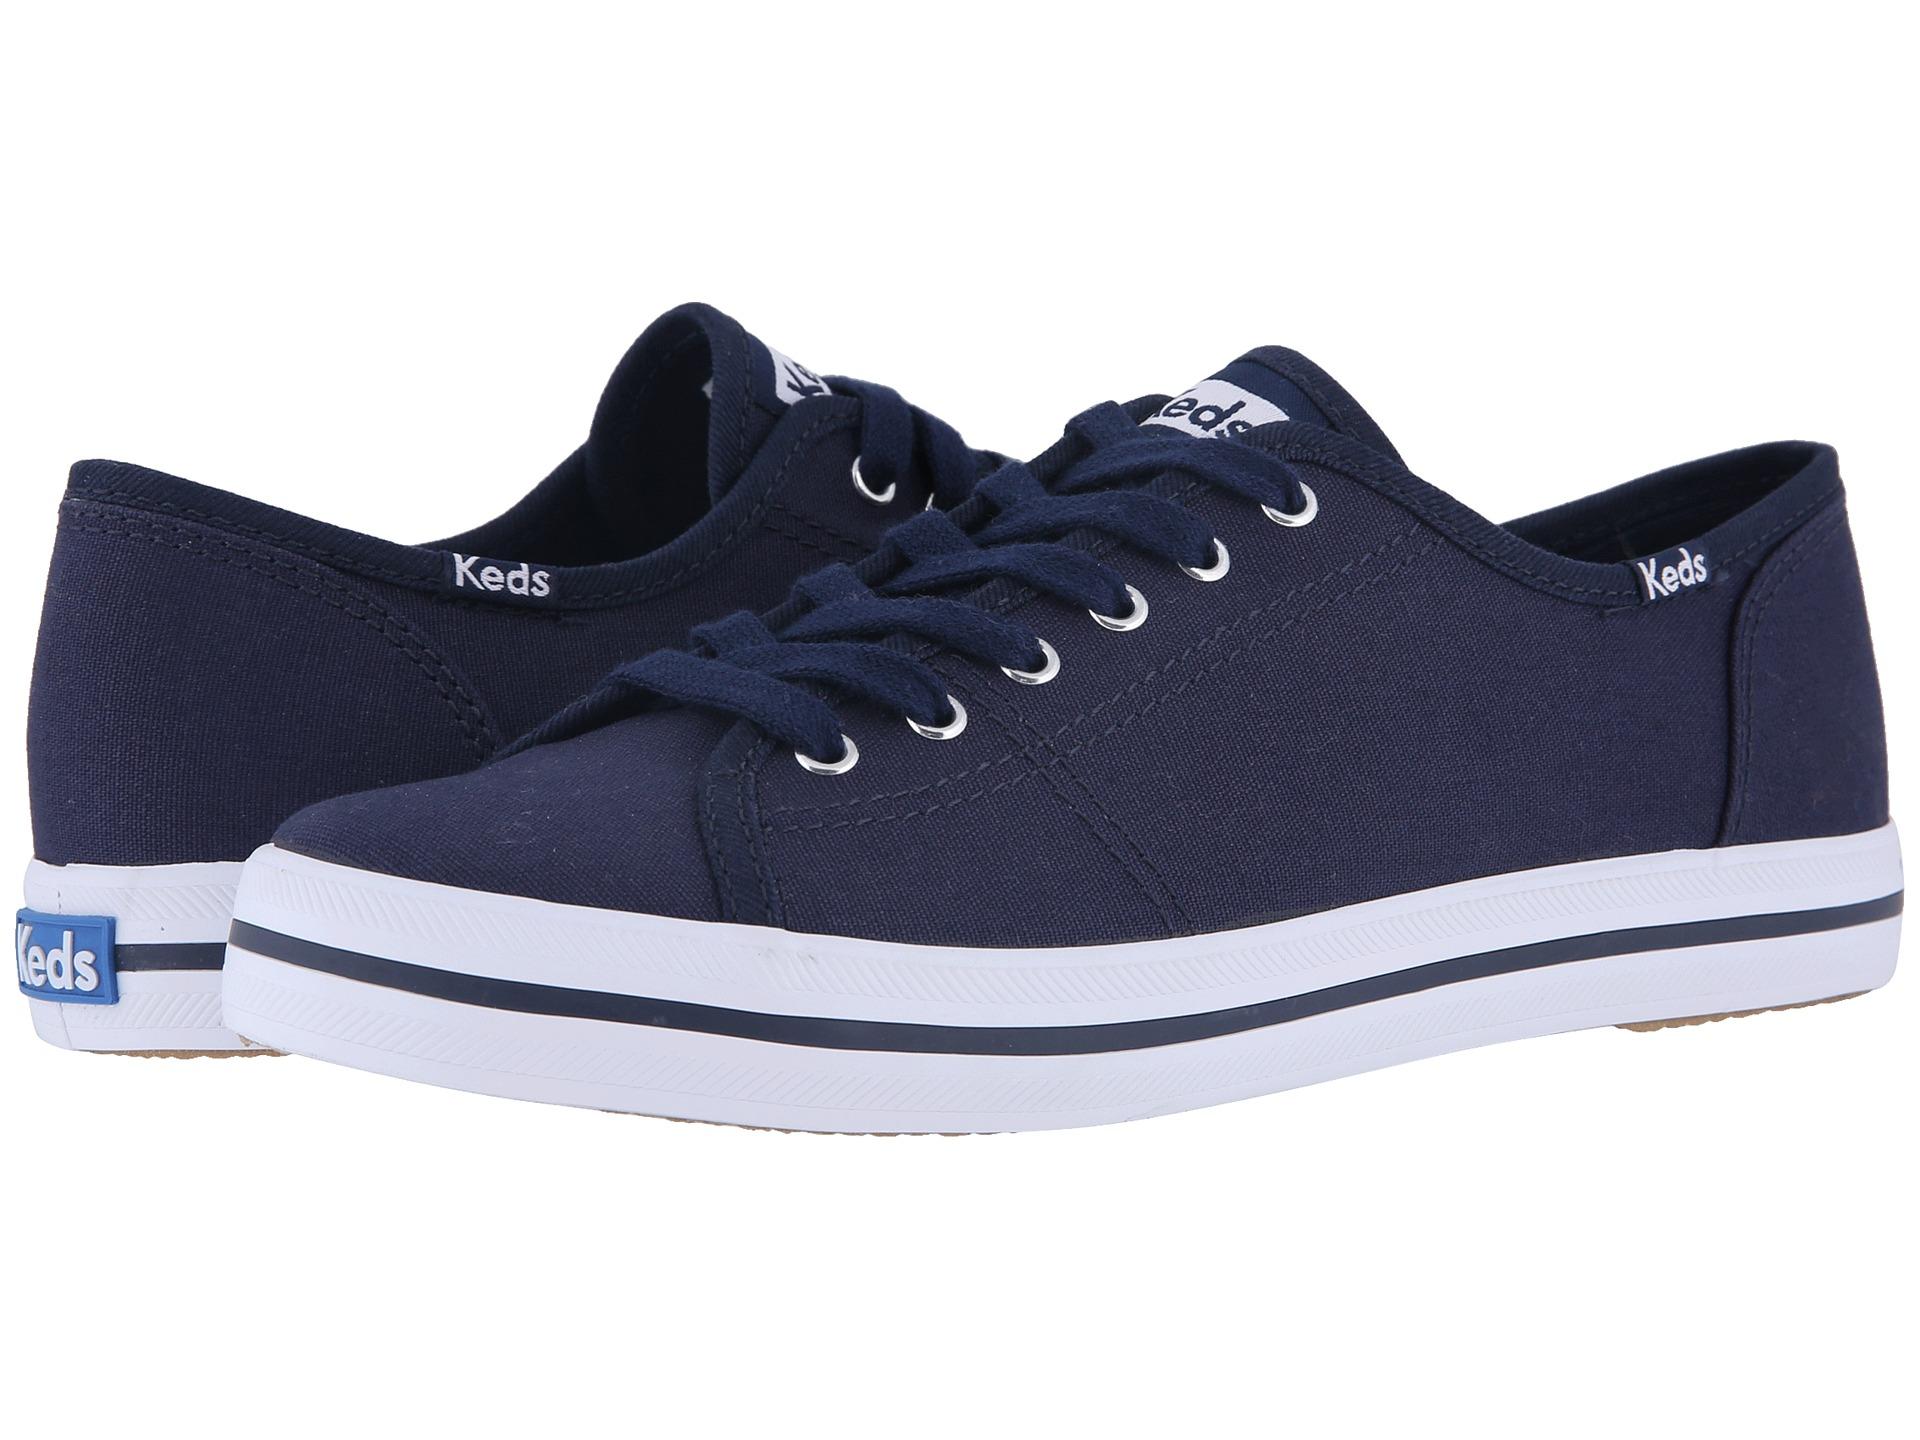 Us Keds Shoes